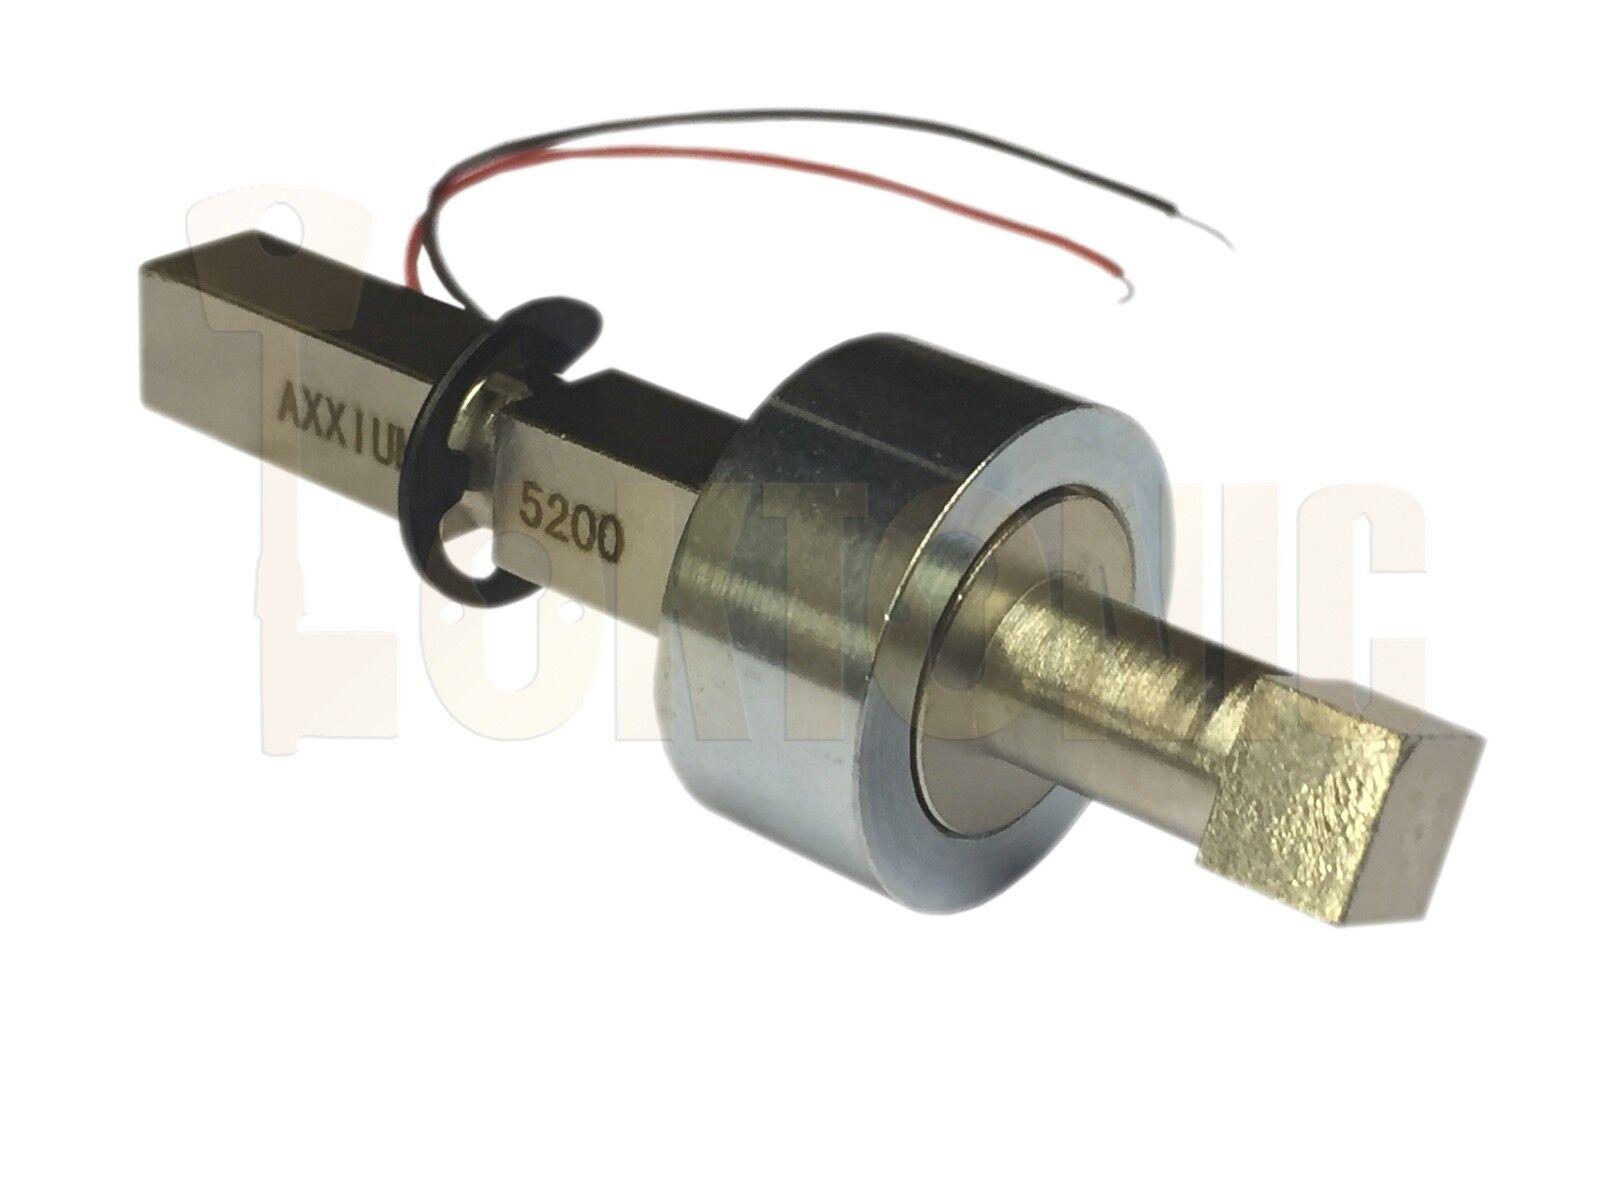 Enfield TS5200 Elektrisch Verriegelung 8mm Spindel Zugriffssteuerung Schloss